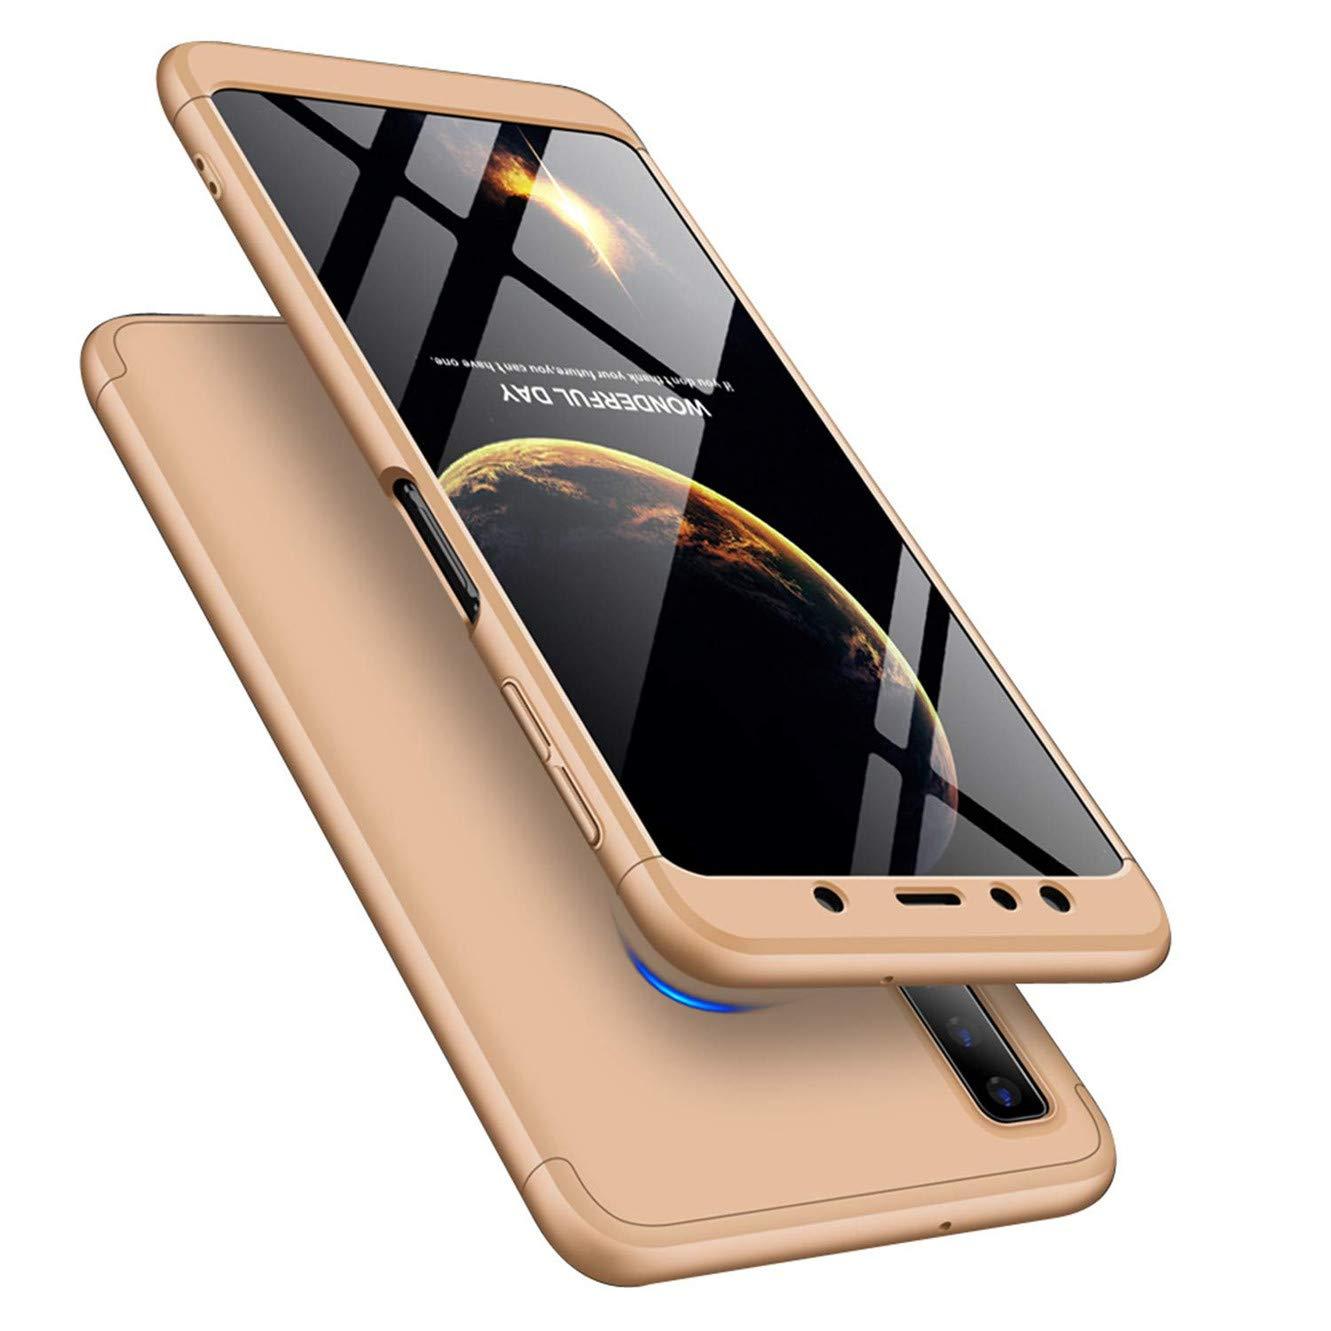 Ultra Delgada protecci/ón Completa a Prueba de Golpes para Samsung Galaxy A70 360 Grados MRSTER Funda para Samsung A70 Carcasa de PC r/ígida 3 en 1 Delgada